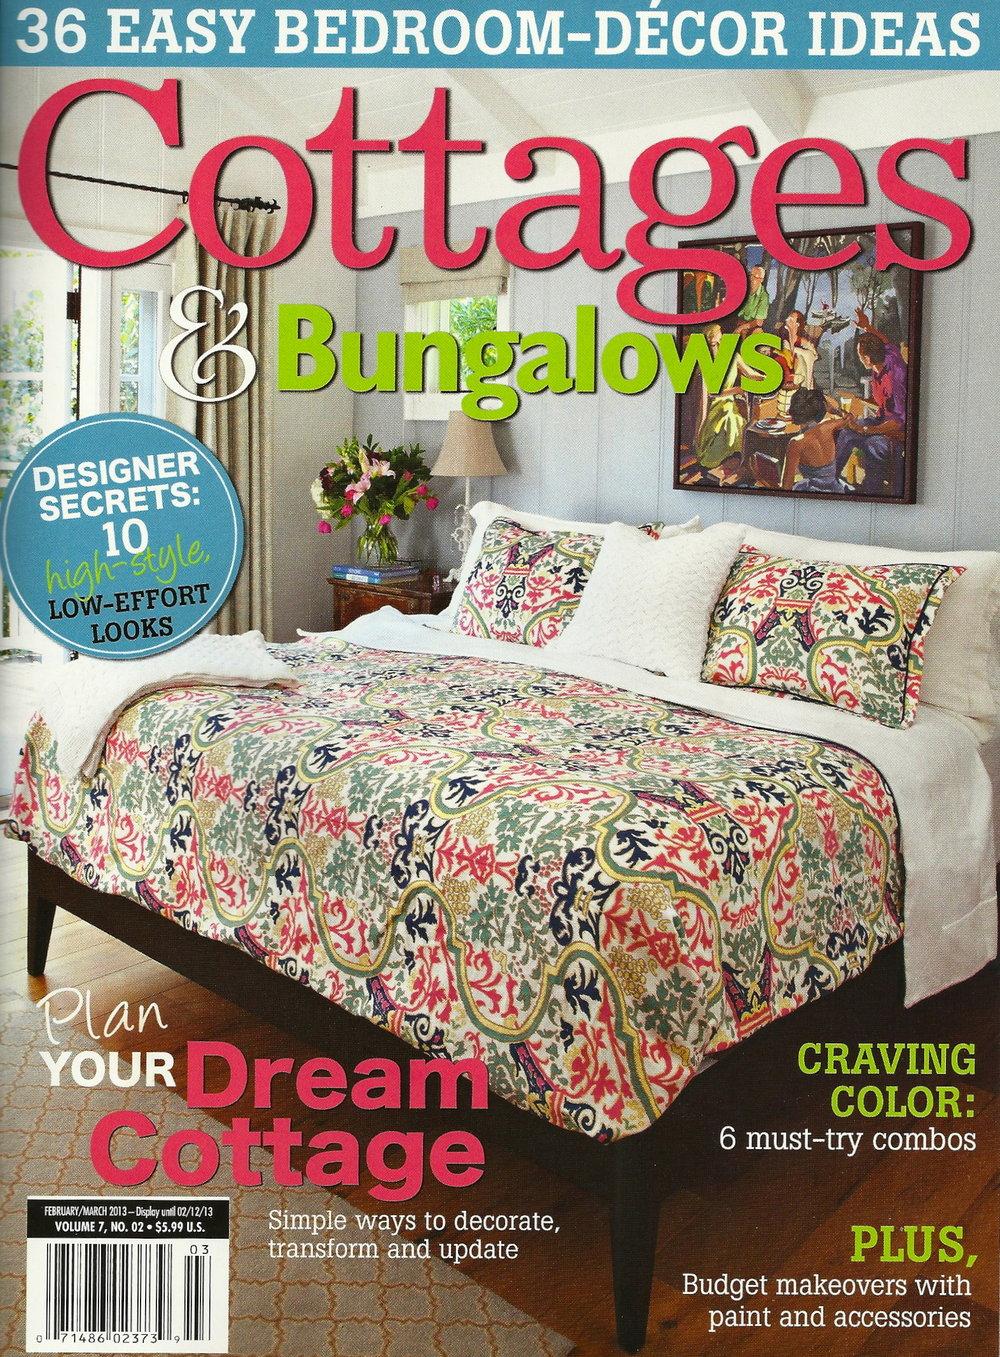 Cottages & Bungalows Feb:Mar 2013.jpg